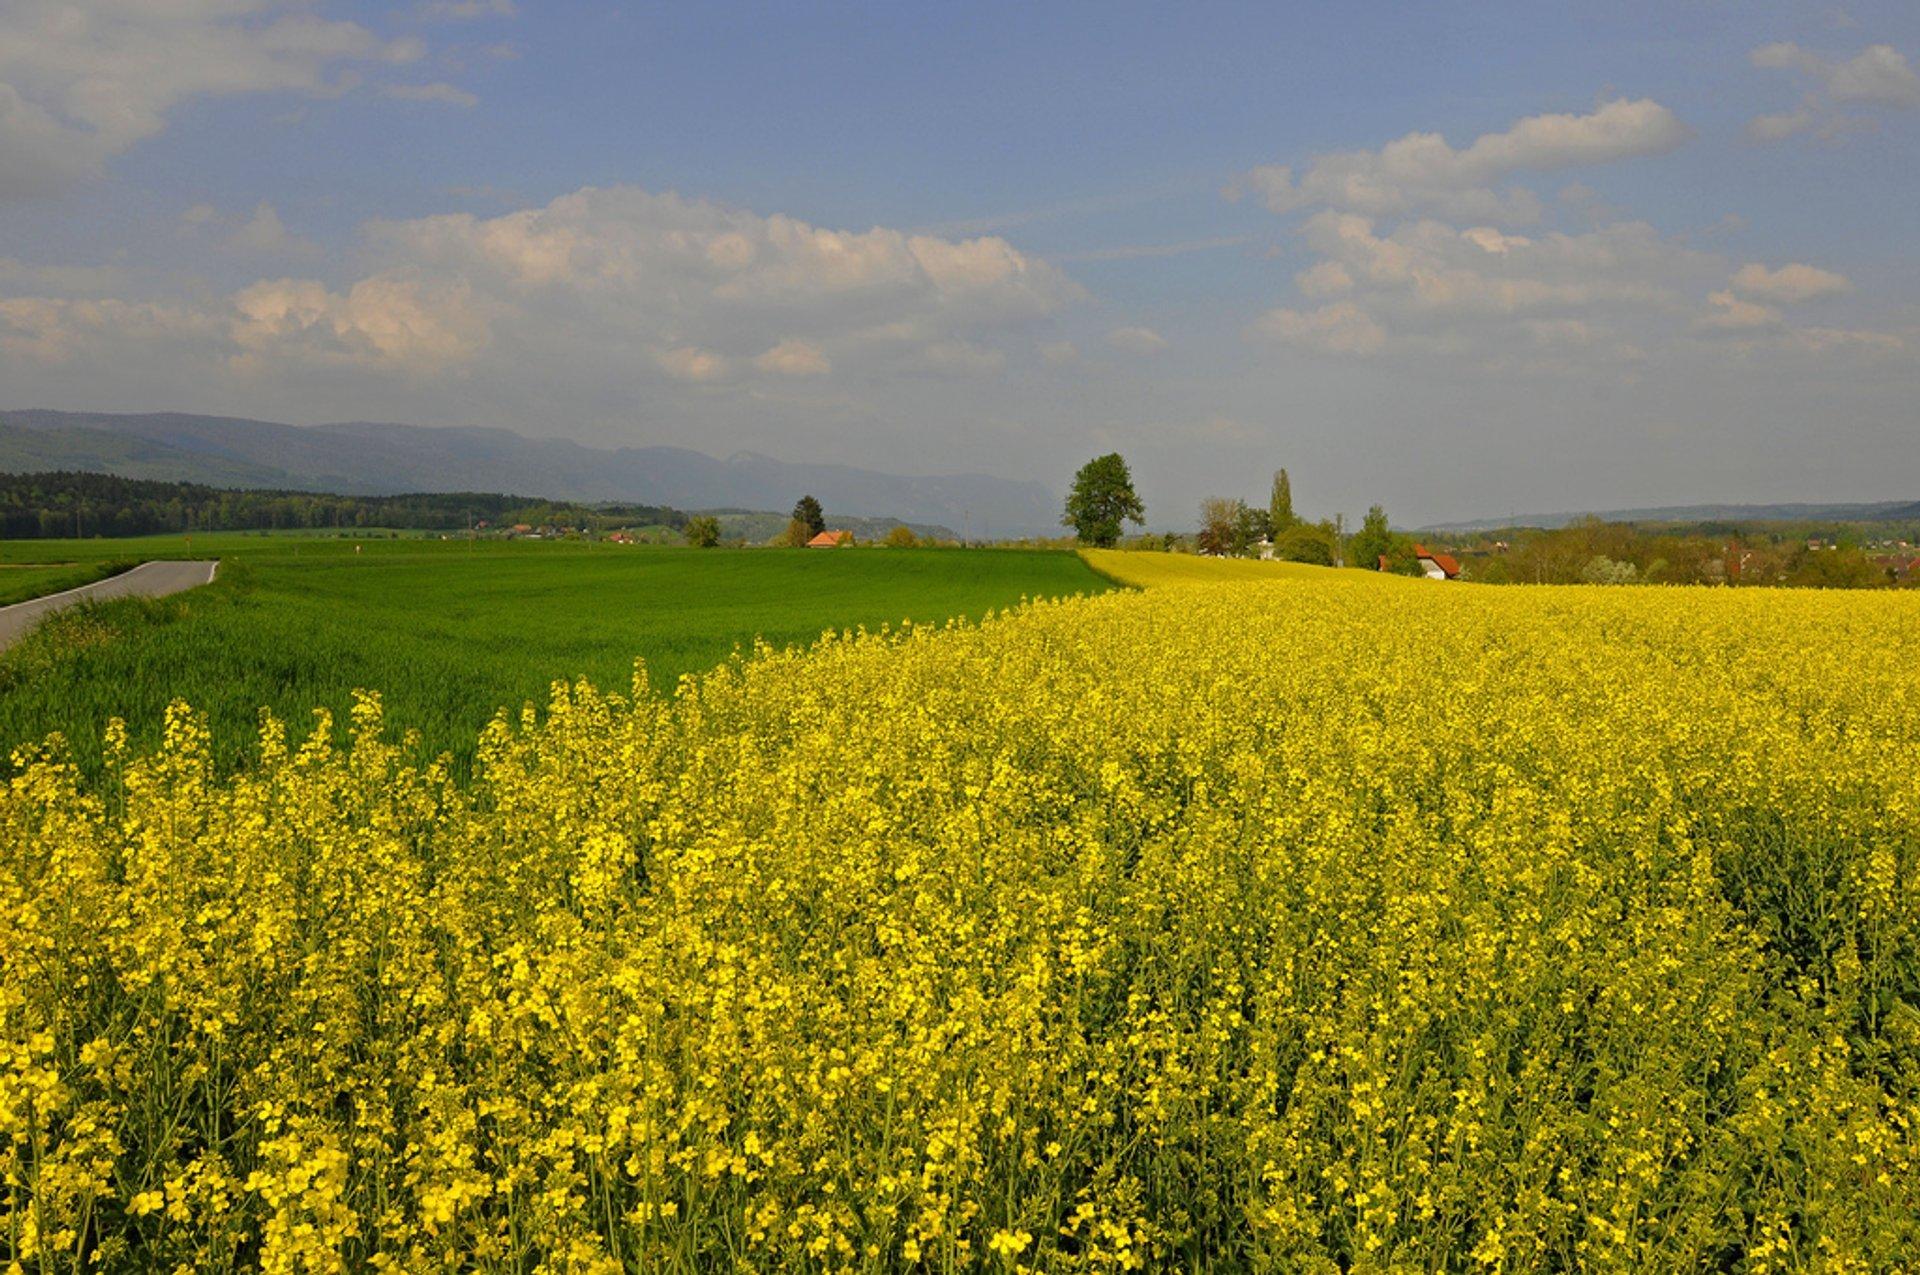 Mustard Fields in Bloom in Switzerland - Best Season